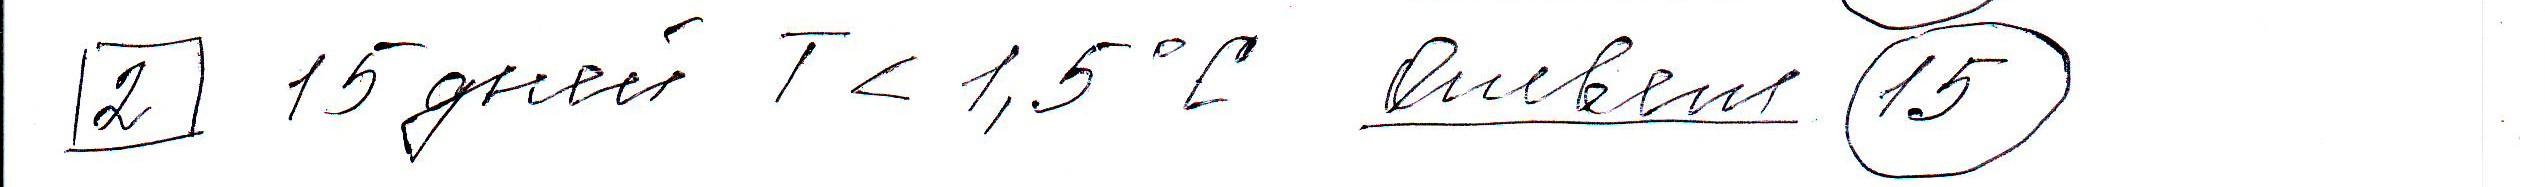 Задние 2, Вариант 2, решение и ответ - Ященко ЕГЭ 2019 математика профиль 36 вариантов